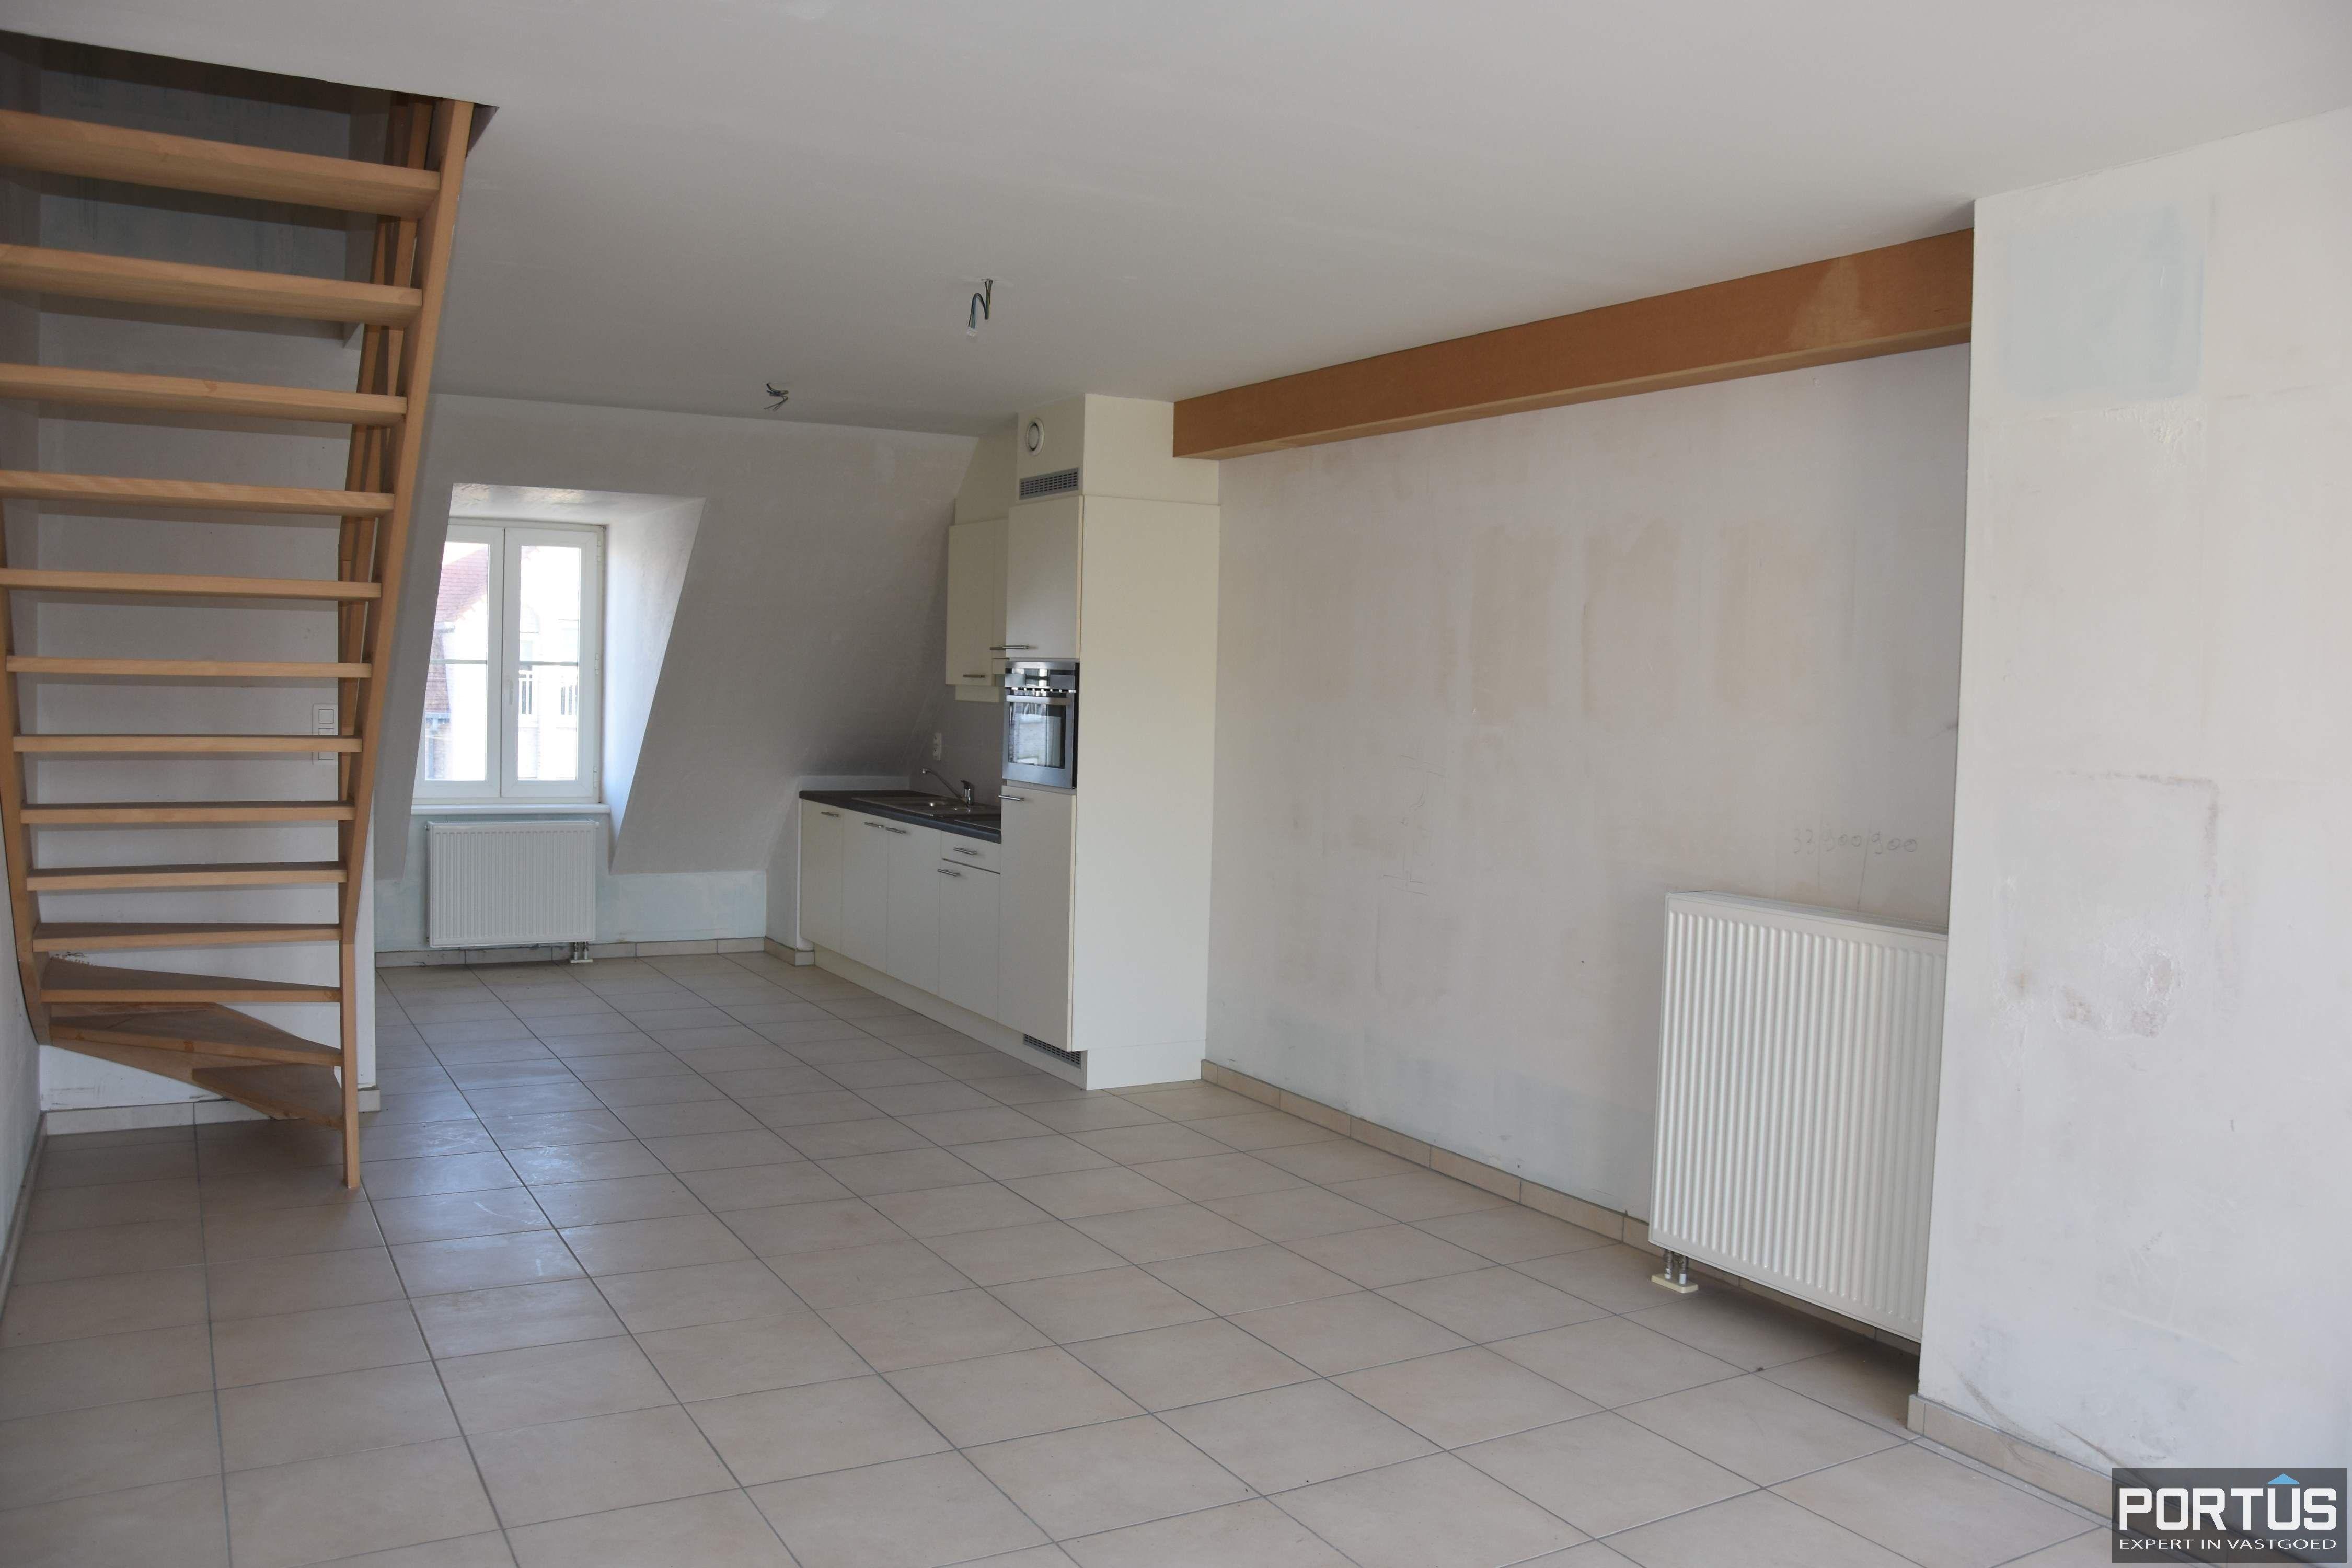 Duplex-appartement met 1 slaapkamer en terras te koop Nieuwpoort - 9357